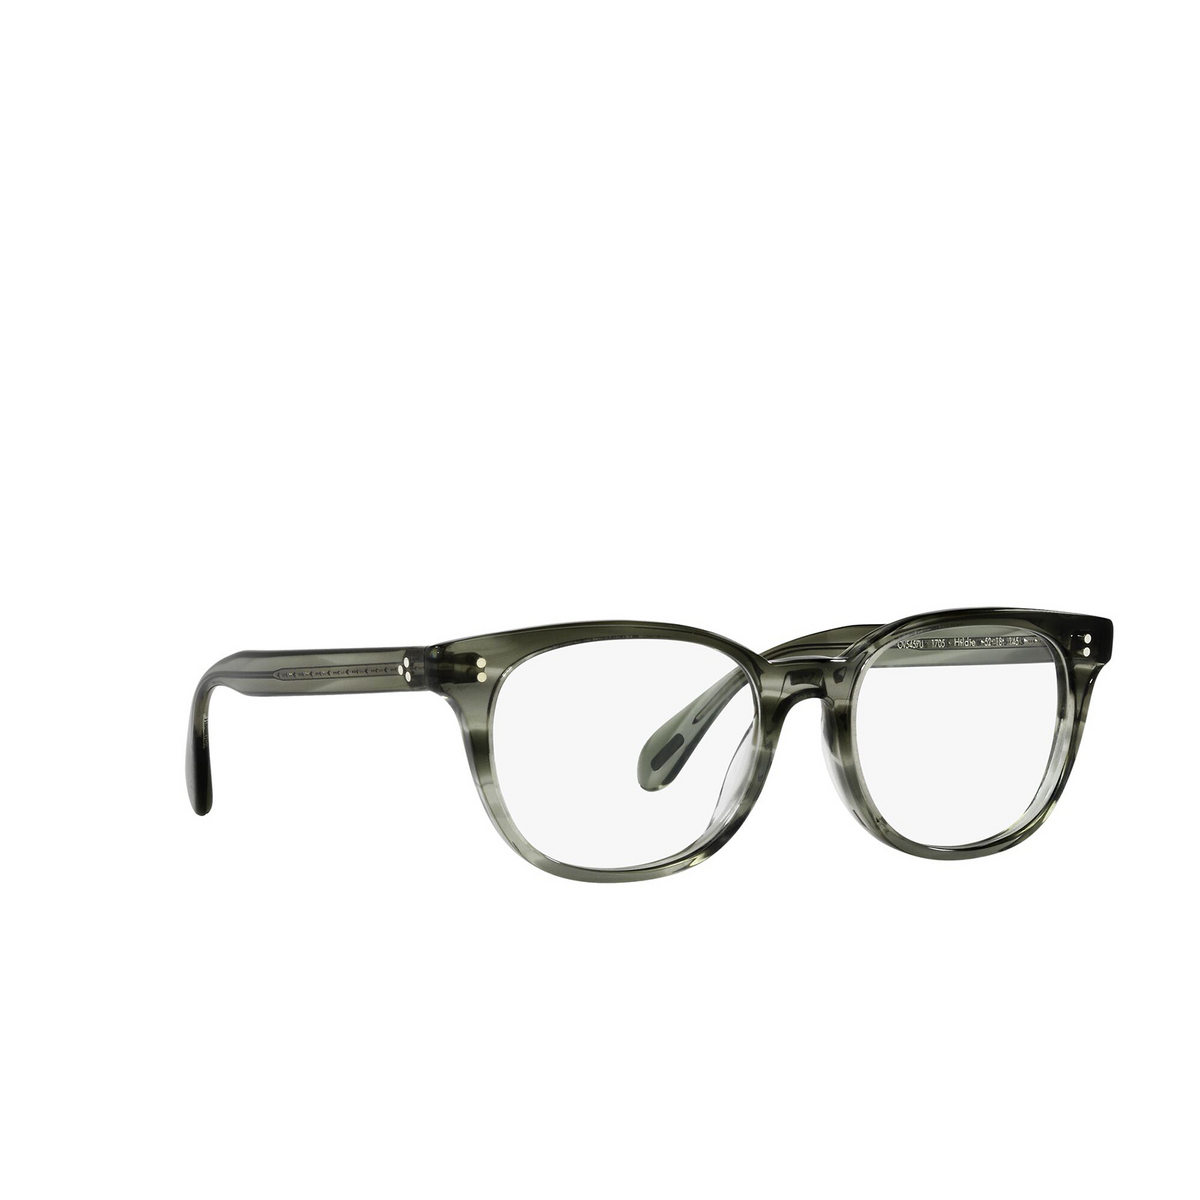 Oliver Peoples® Cat-eye Eyeglasses: Hildie OV5457U color Washed Jade 1705 - three-quarters view.